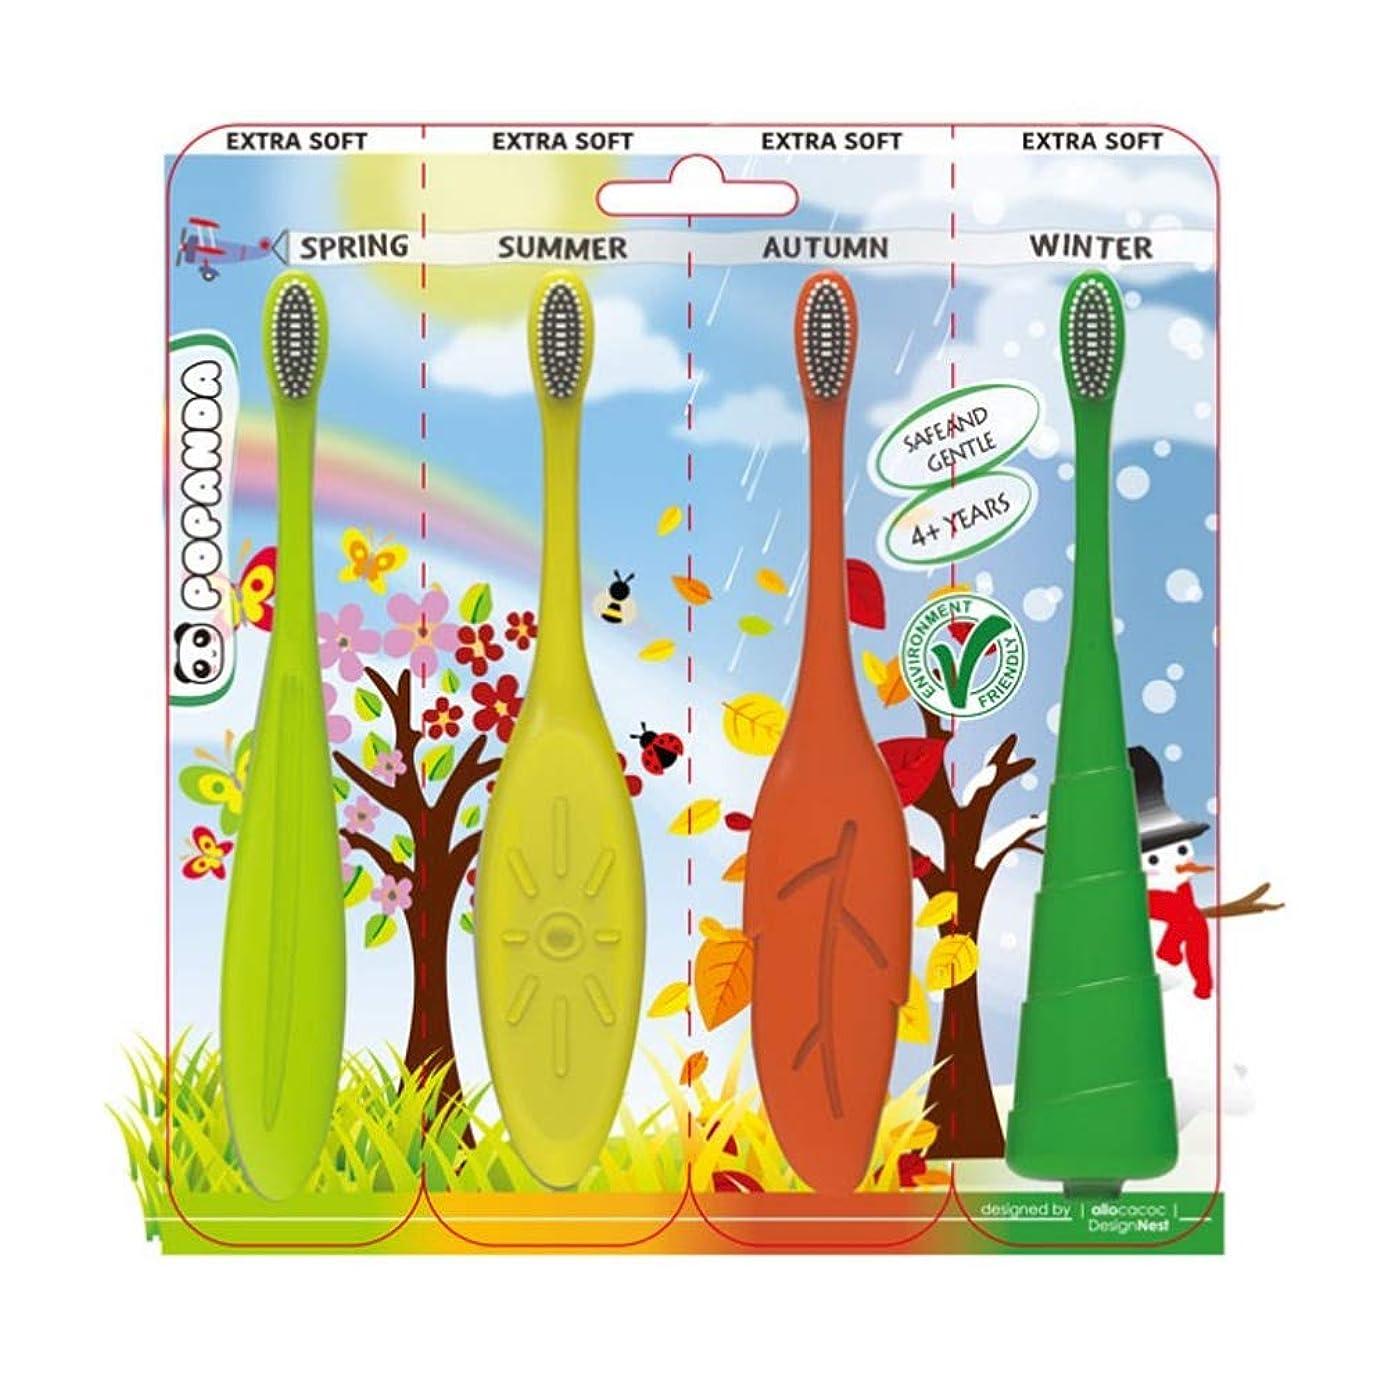 説明政府倉庫(4個) Baby 幼児 四季 シリコン歯ブラシ Set Baby Kid's Gift Seasonal Silicone Toothbrush 並行輸入